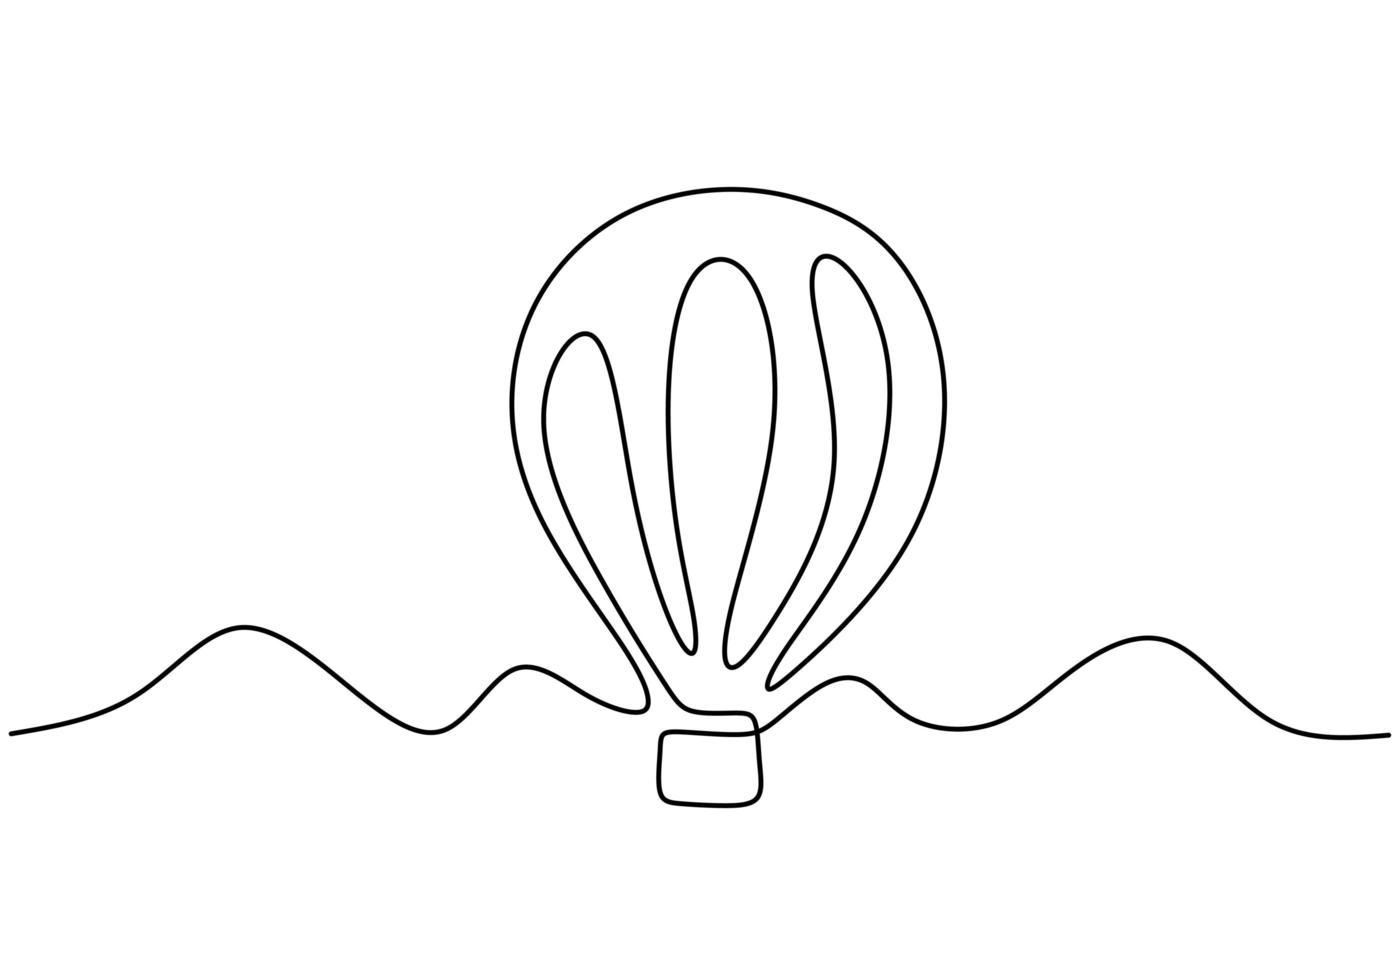 ilustração vetorial Aerostat. ilustração de balão de ar de estilo de uma linha contínua, conceito de viagens criativas de minimalismo vetor